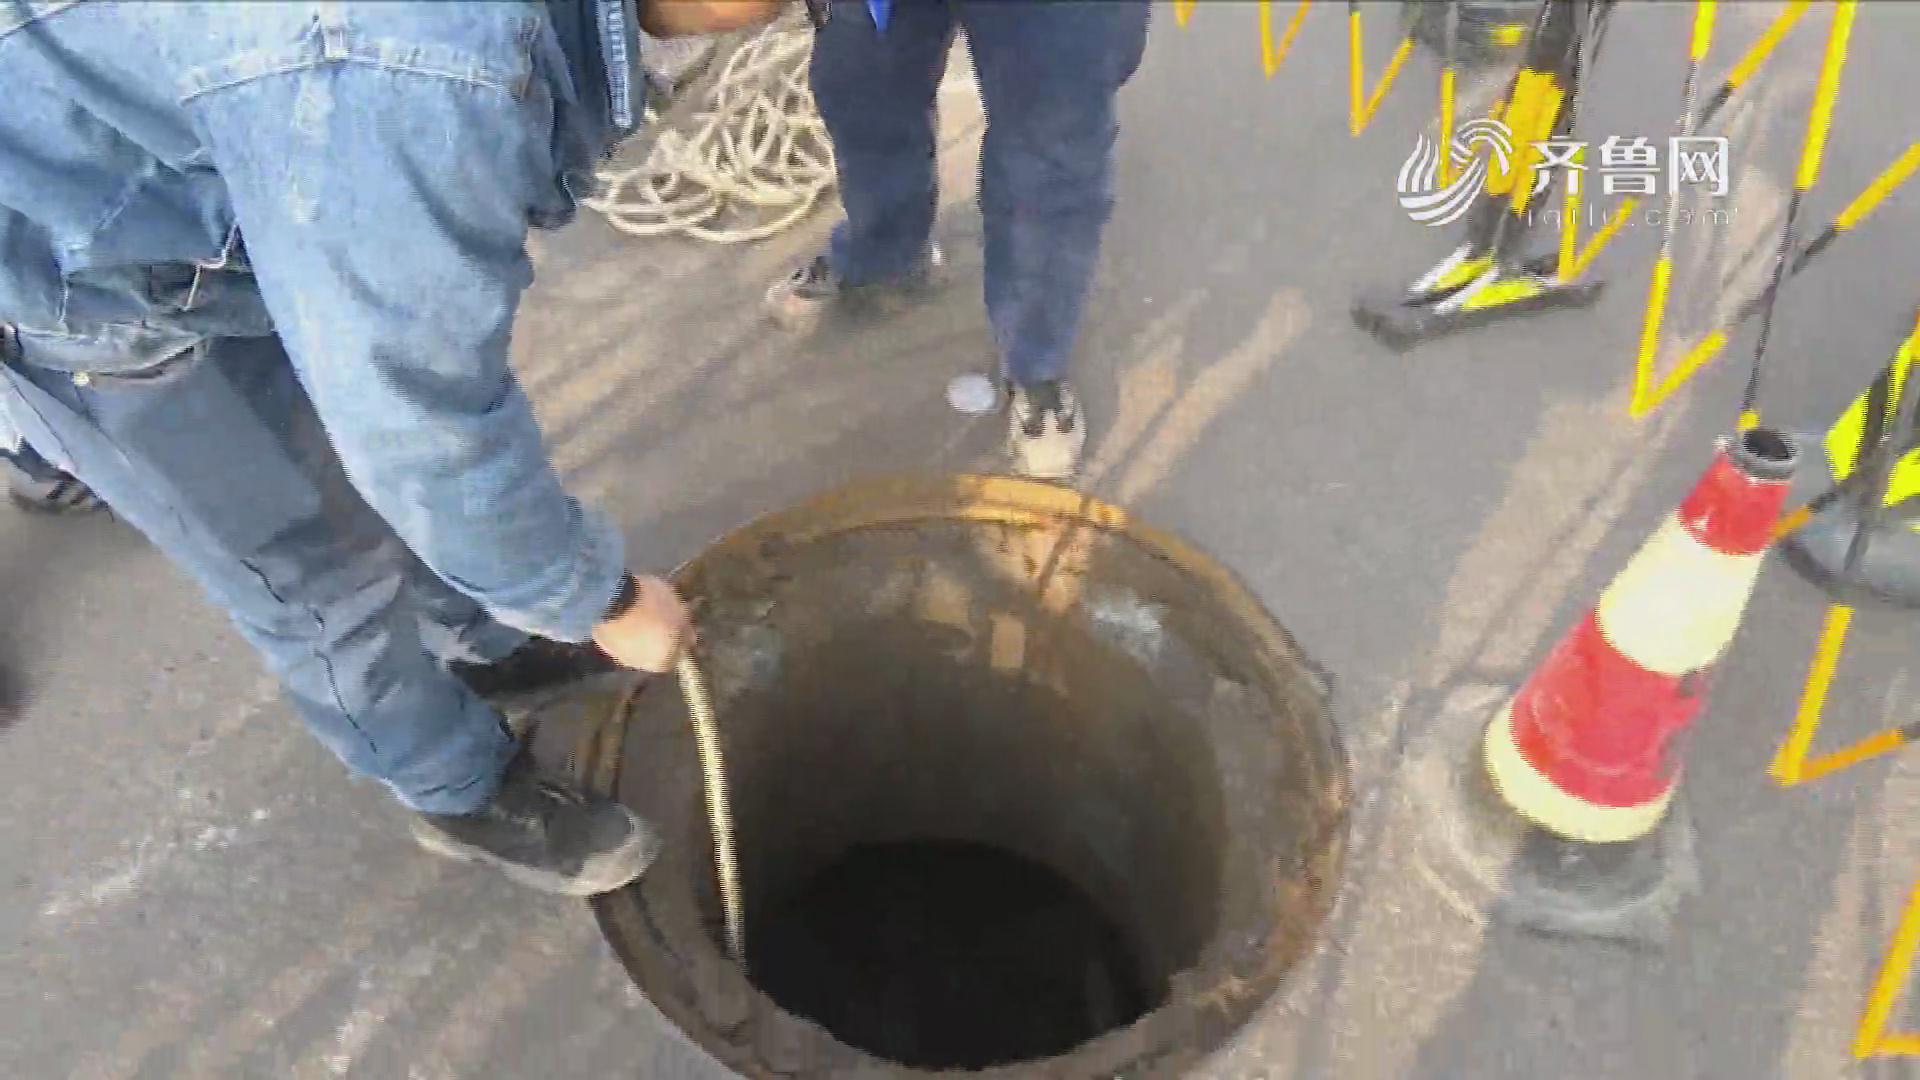 《问安齐鲁》20200112:警惕!城市井盖存隐患 排查养护是关键